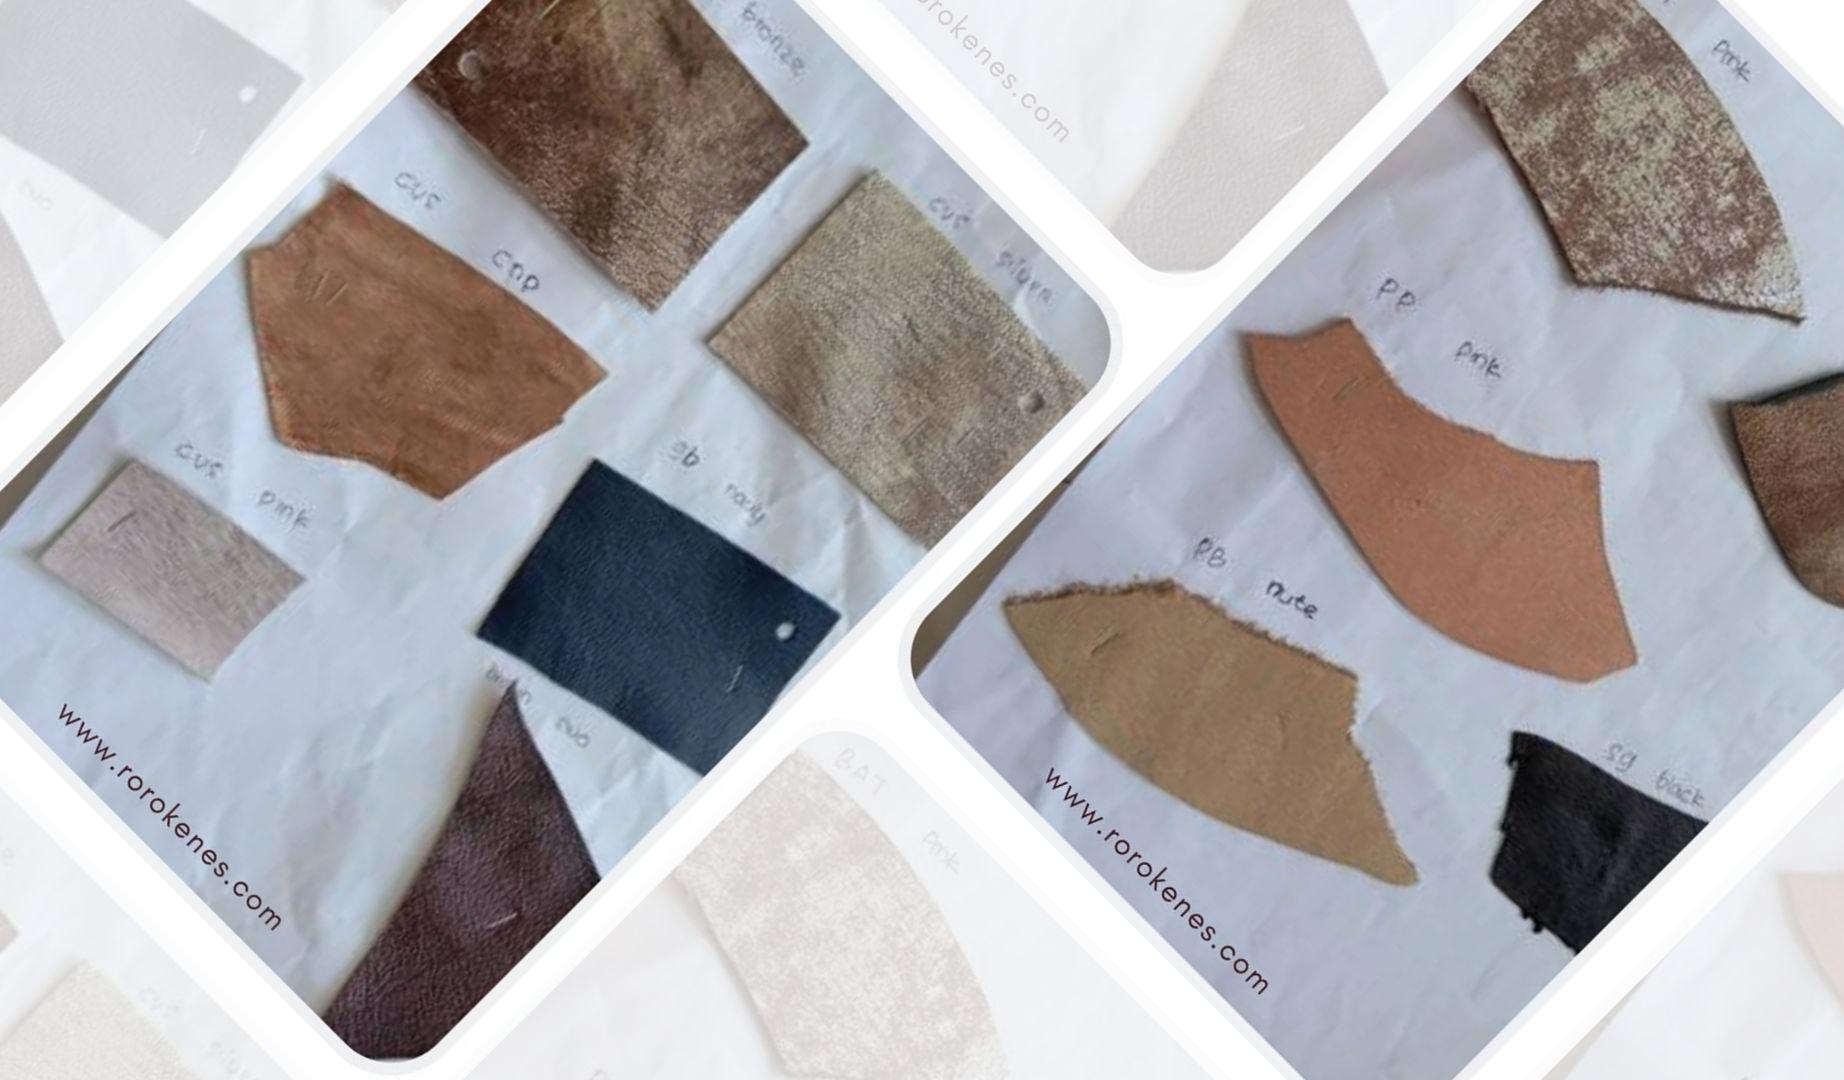 Tas Handmade Indonesia dengan Berbagai Pilihan Warna Kulit